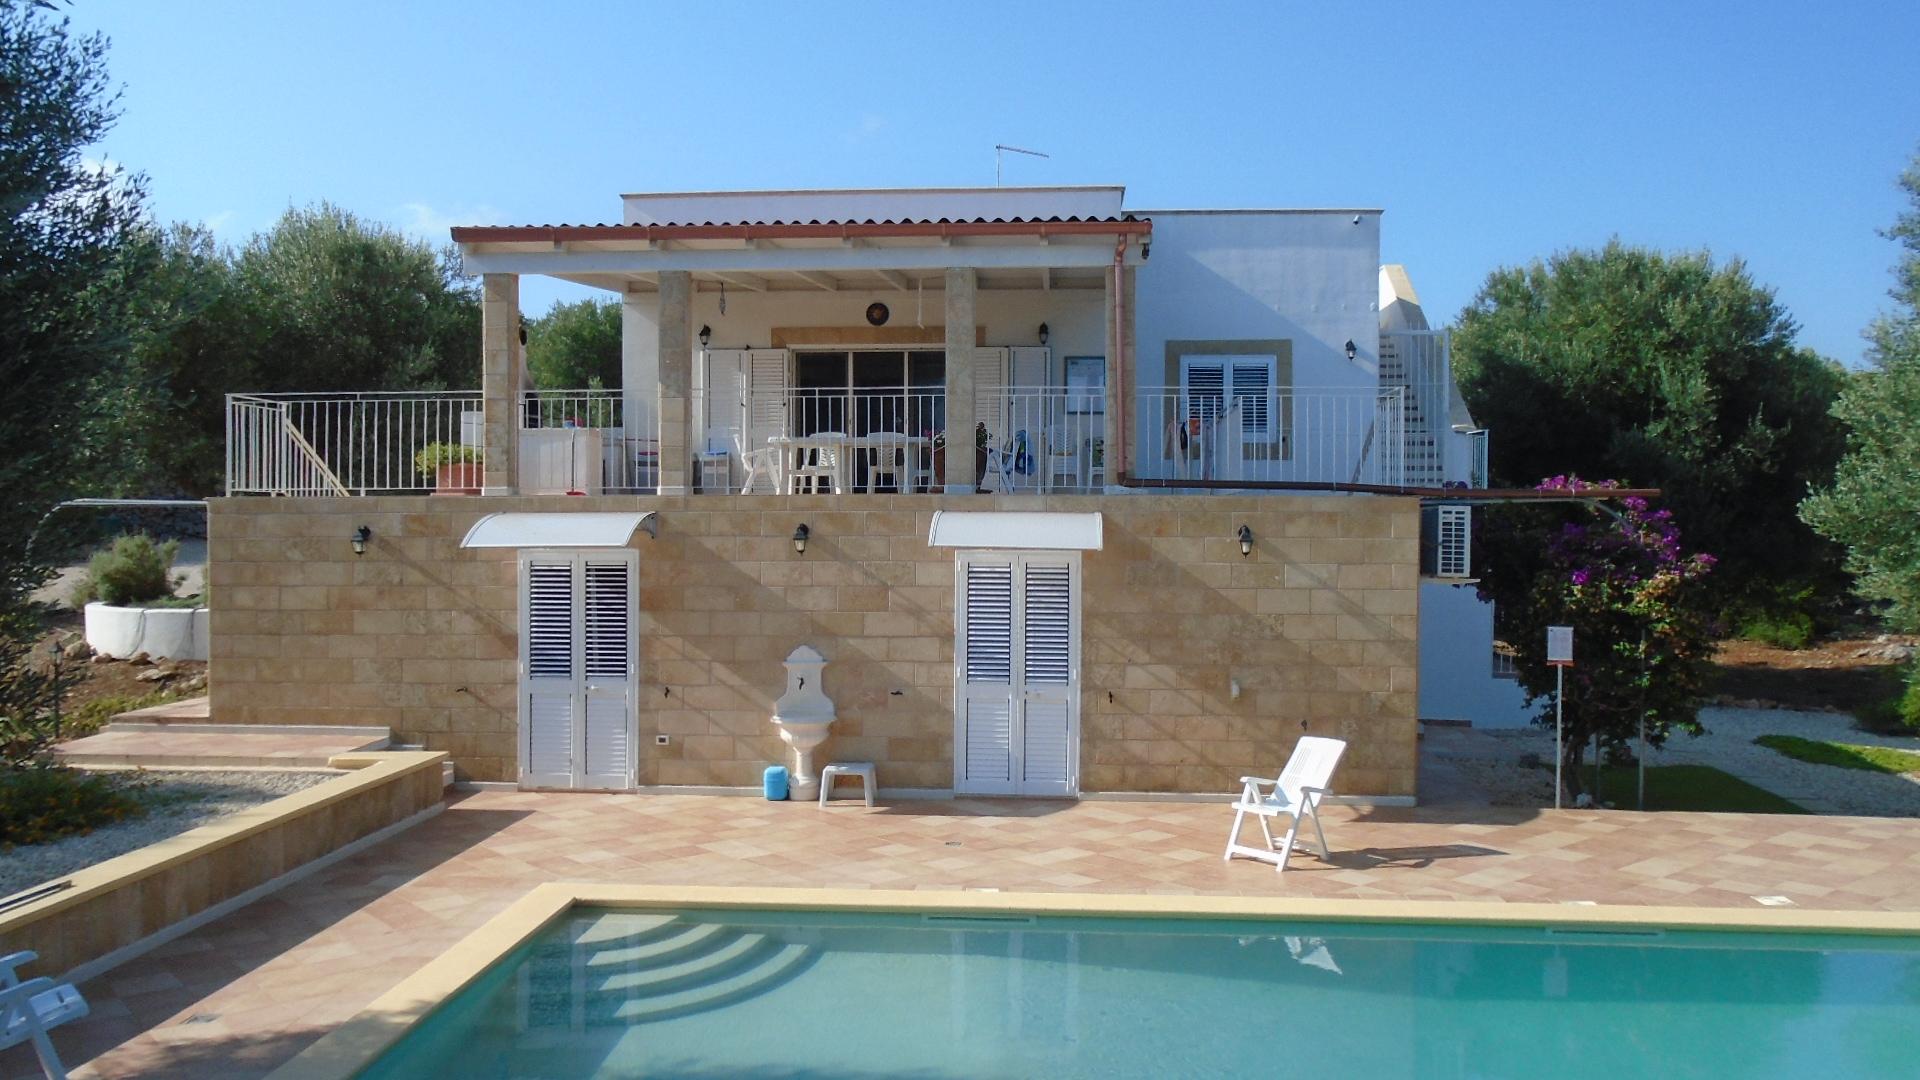 Affitto villa con piscina in puglia zona ostuni prenota for Casein affitto